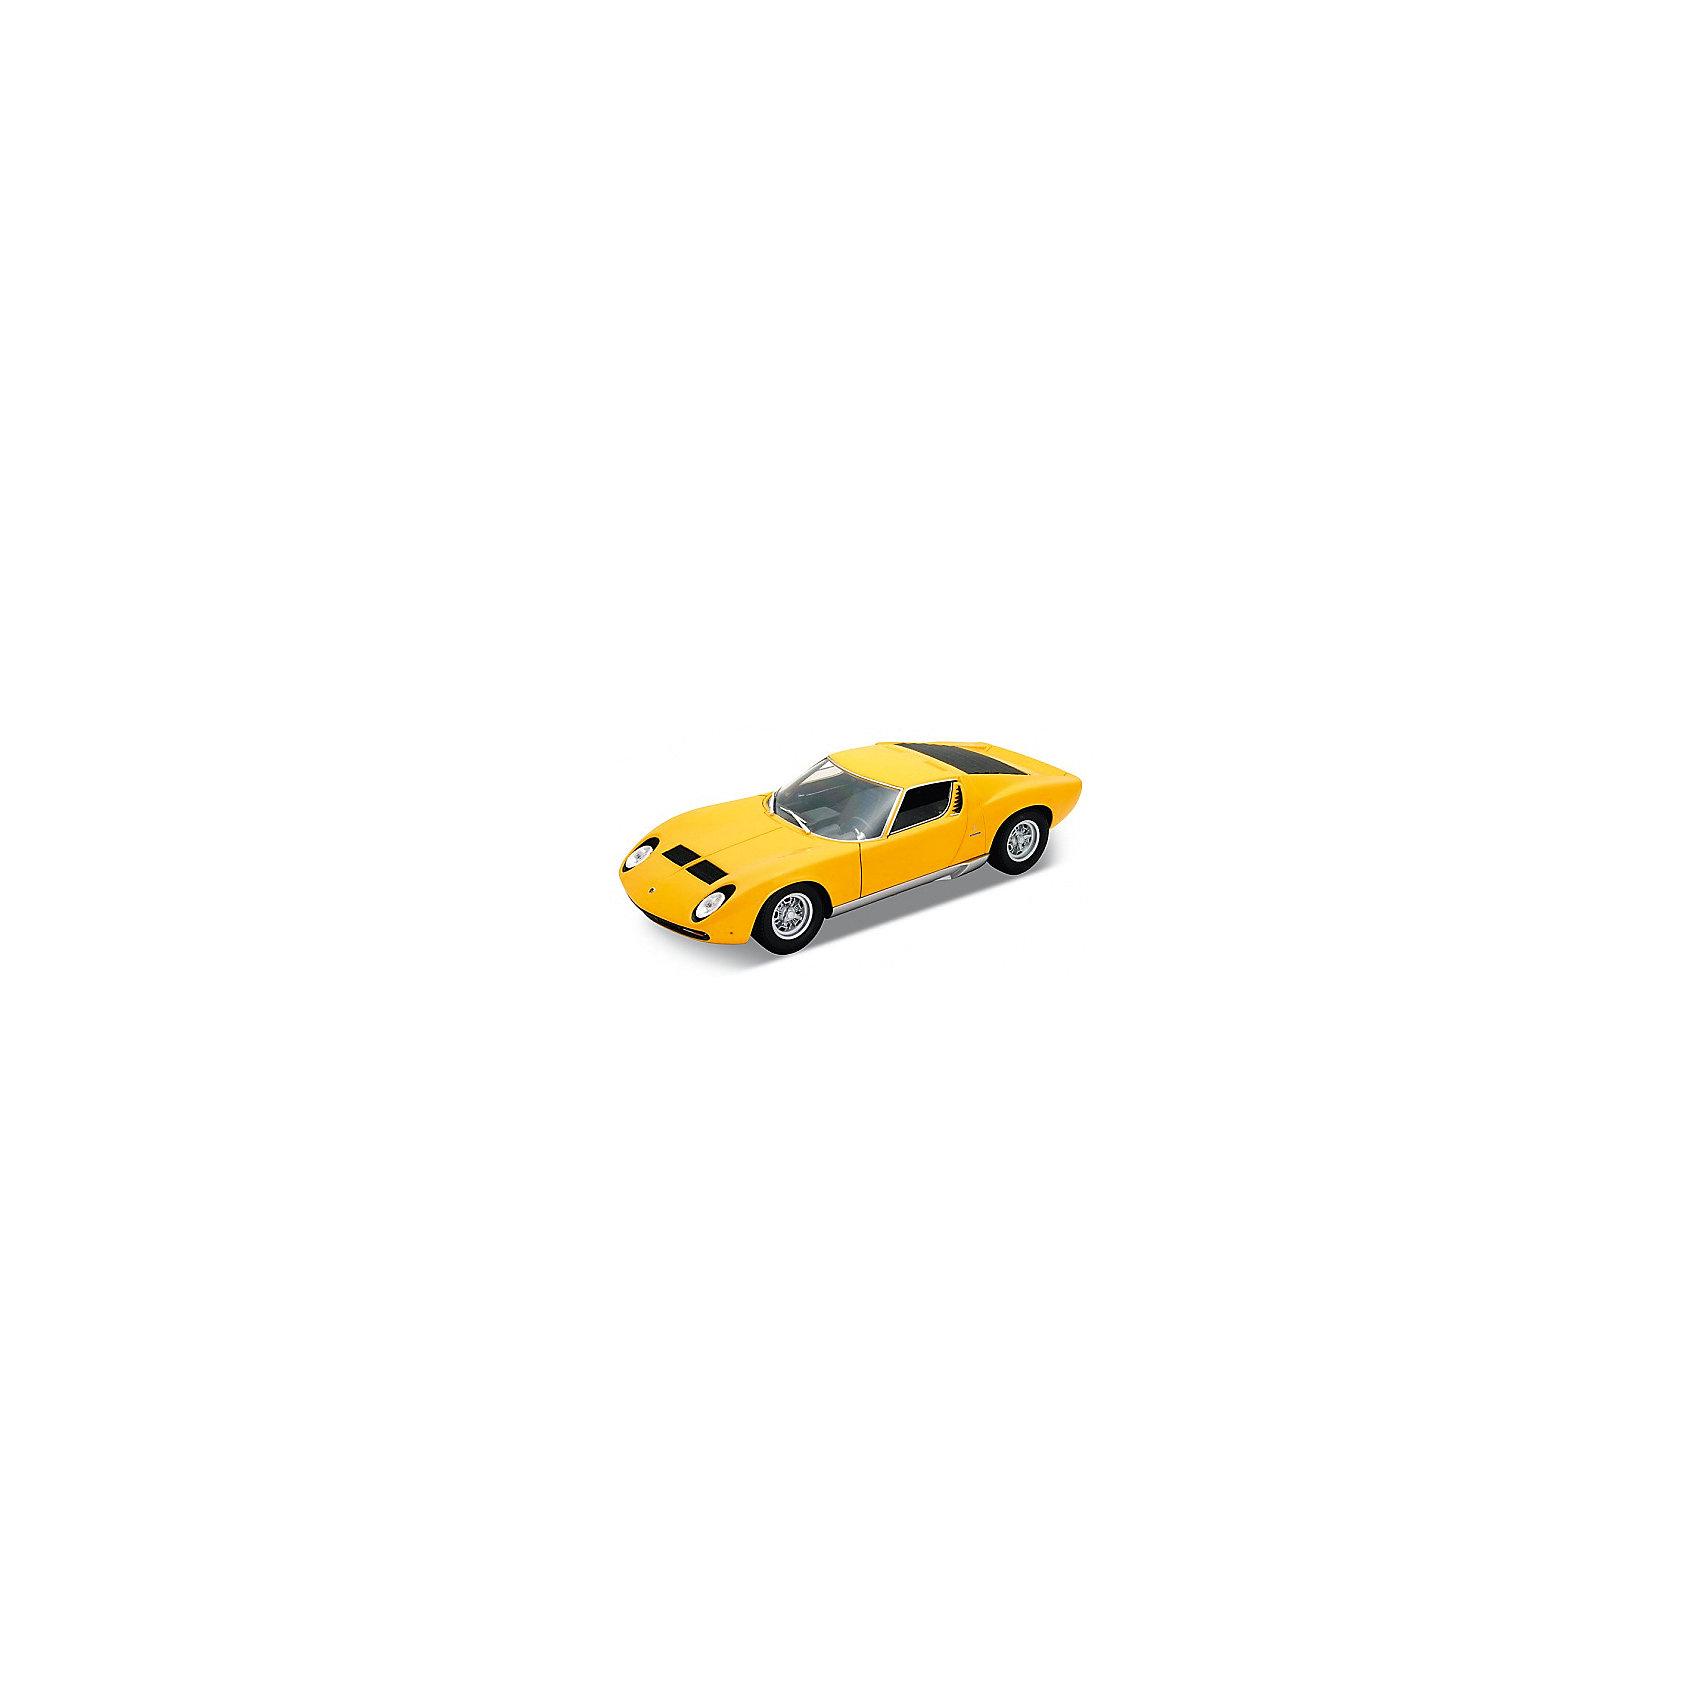 Модель машины 1:18 Lamborghini Miura, WellyКоллекционные модели<br>Коллекционная модель машины Welly масштаба 1:18. Функции: открываются передние двери, капот, багажник, поворотом руля поварачиваются передние колеса.  Обратите внимание, машина представлена в цветовом ассортименте, выбранный вариант в поставке не гарантирован.<br><br>Ширина мм: 160<br>Глубина мм: 140<br>Высота мм: 330<br>Вес г: 1042<br>Возраст от месяцев: 36<br>Возраст до месяцев: 192<br>Пол: Мужской<br>Возраст: Детский<br>SKU: 4966475